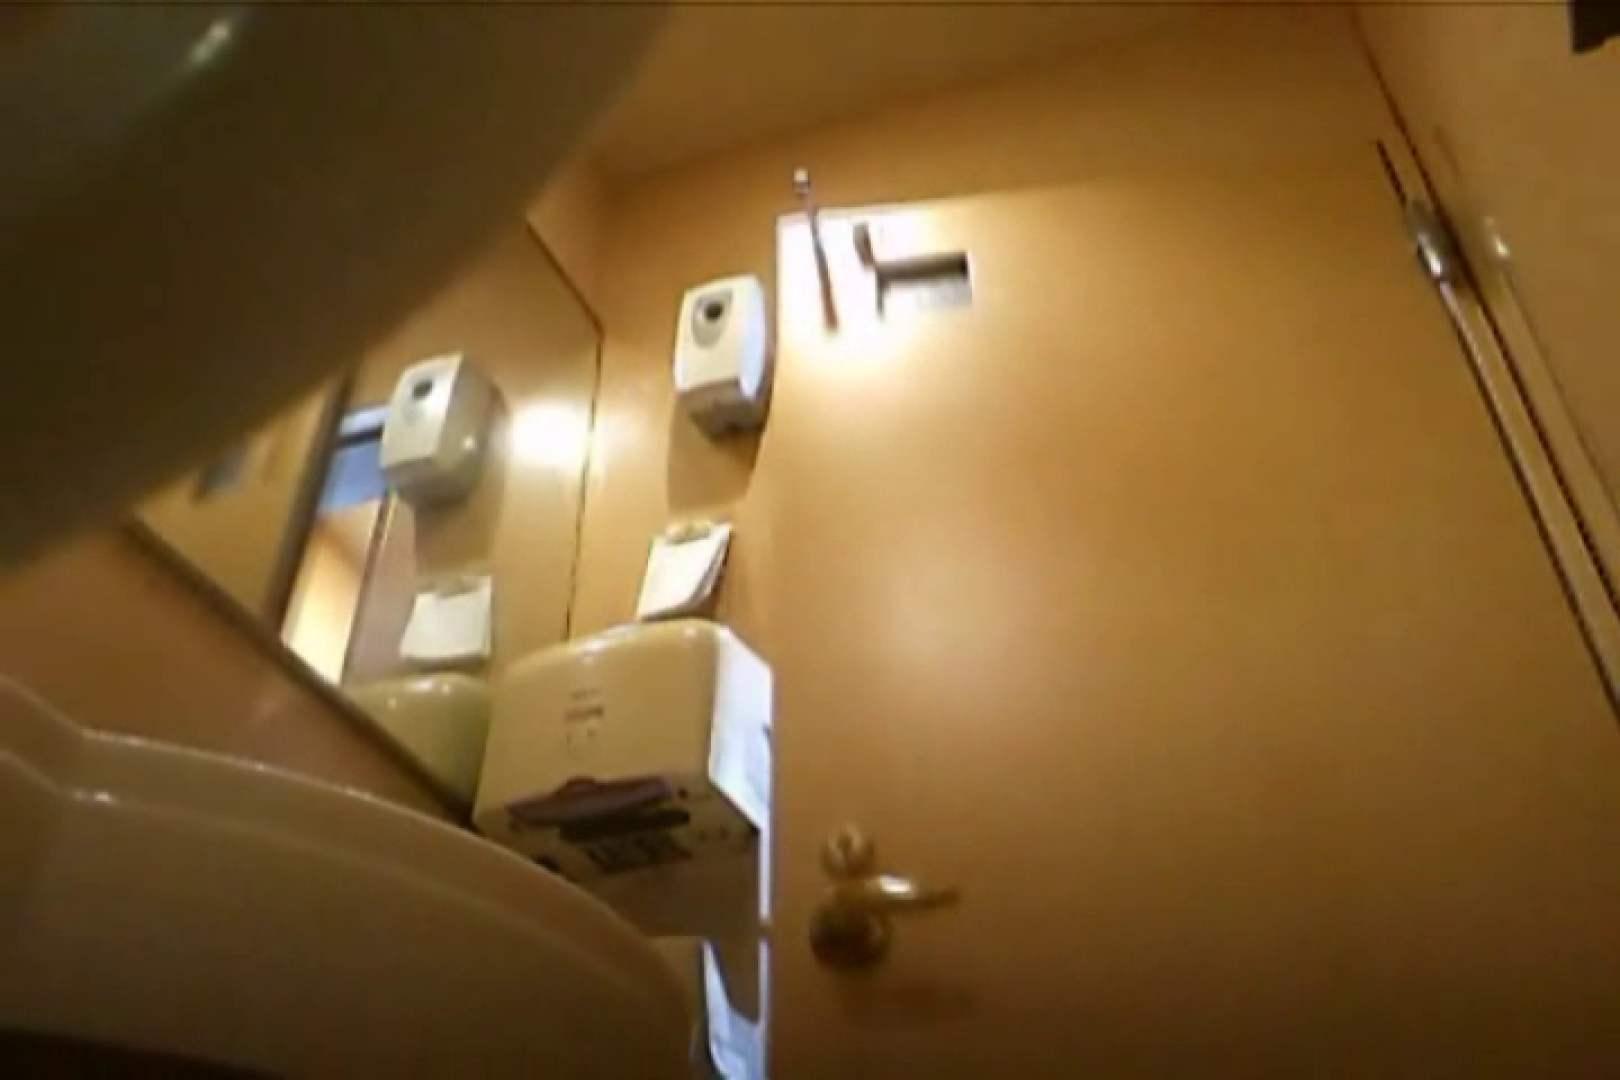 SEASON 2ND!掴み取りさんの洗面所覗き!in新幹線!VOL.21 ボーイズ私服 | 完全無修正でお届け  110pic 106